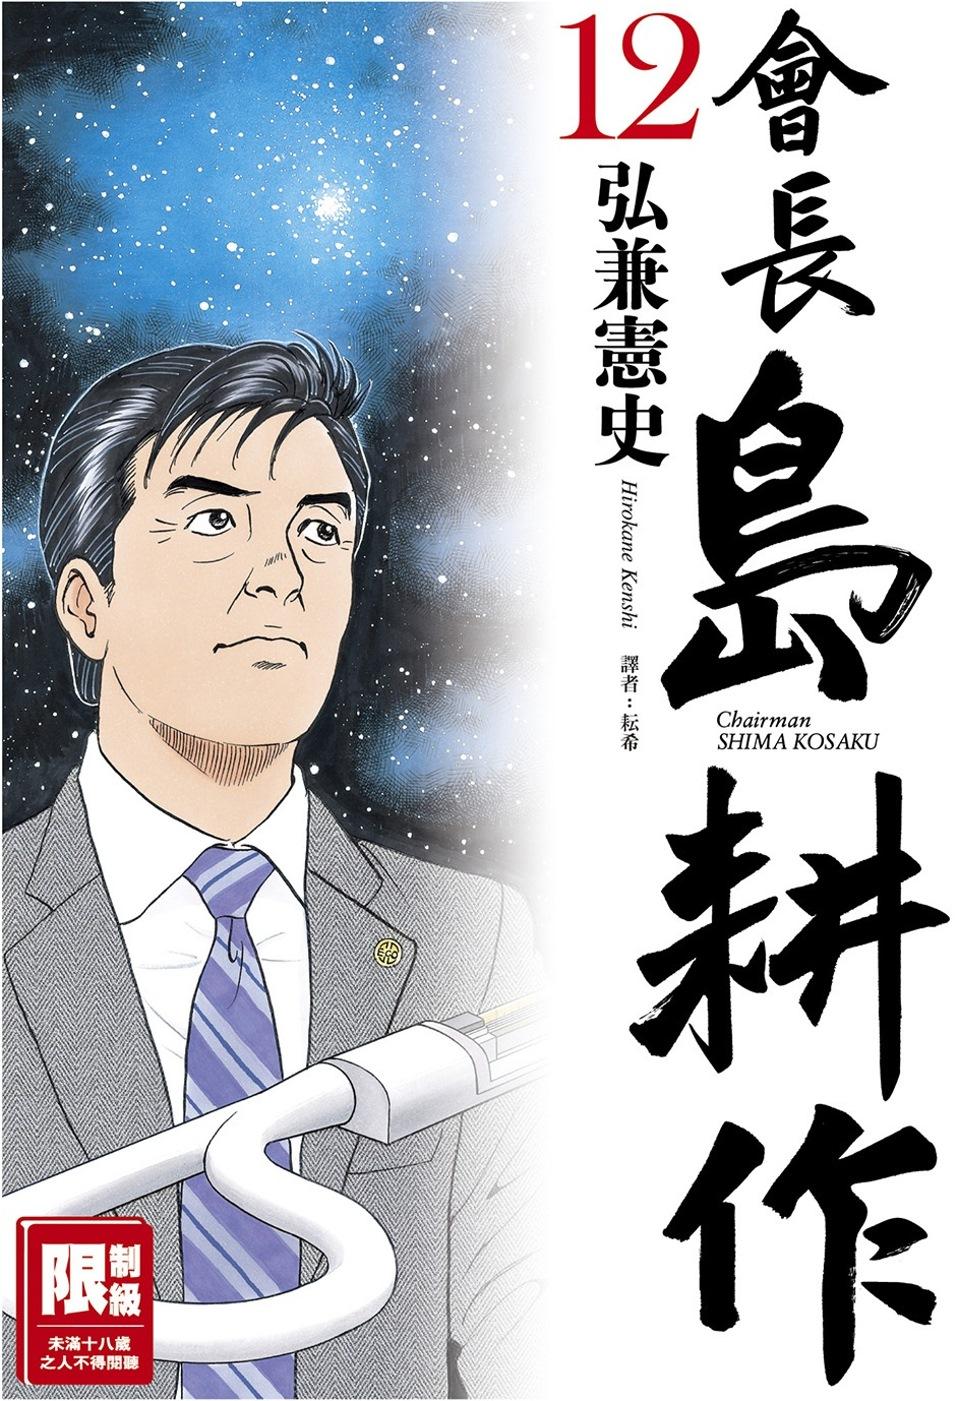 會長島耕作(12)(限台灣)